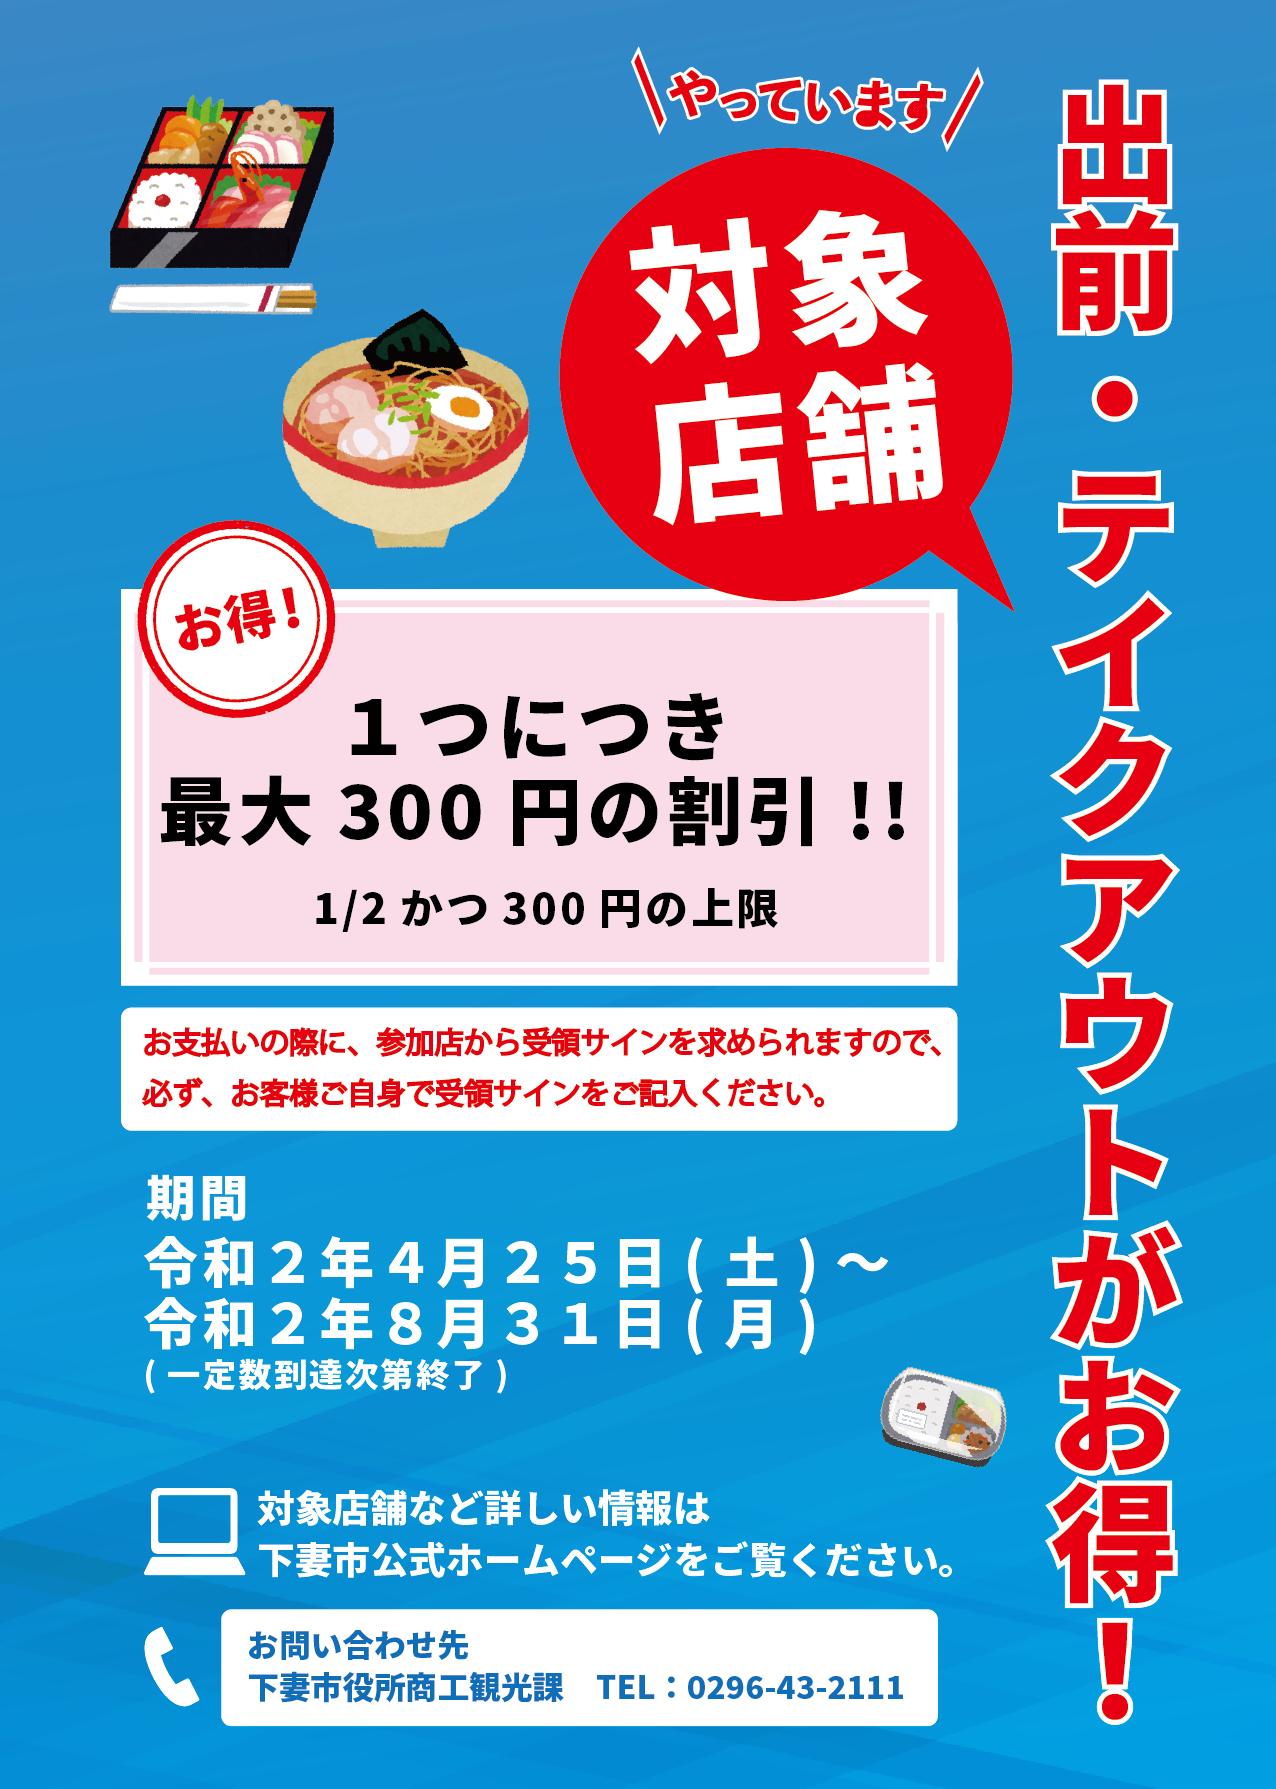 【修正版】出前・テイクアウト推進事業 店頭POP